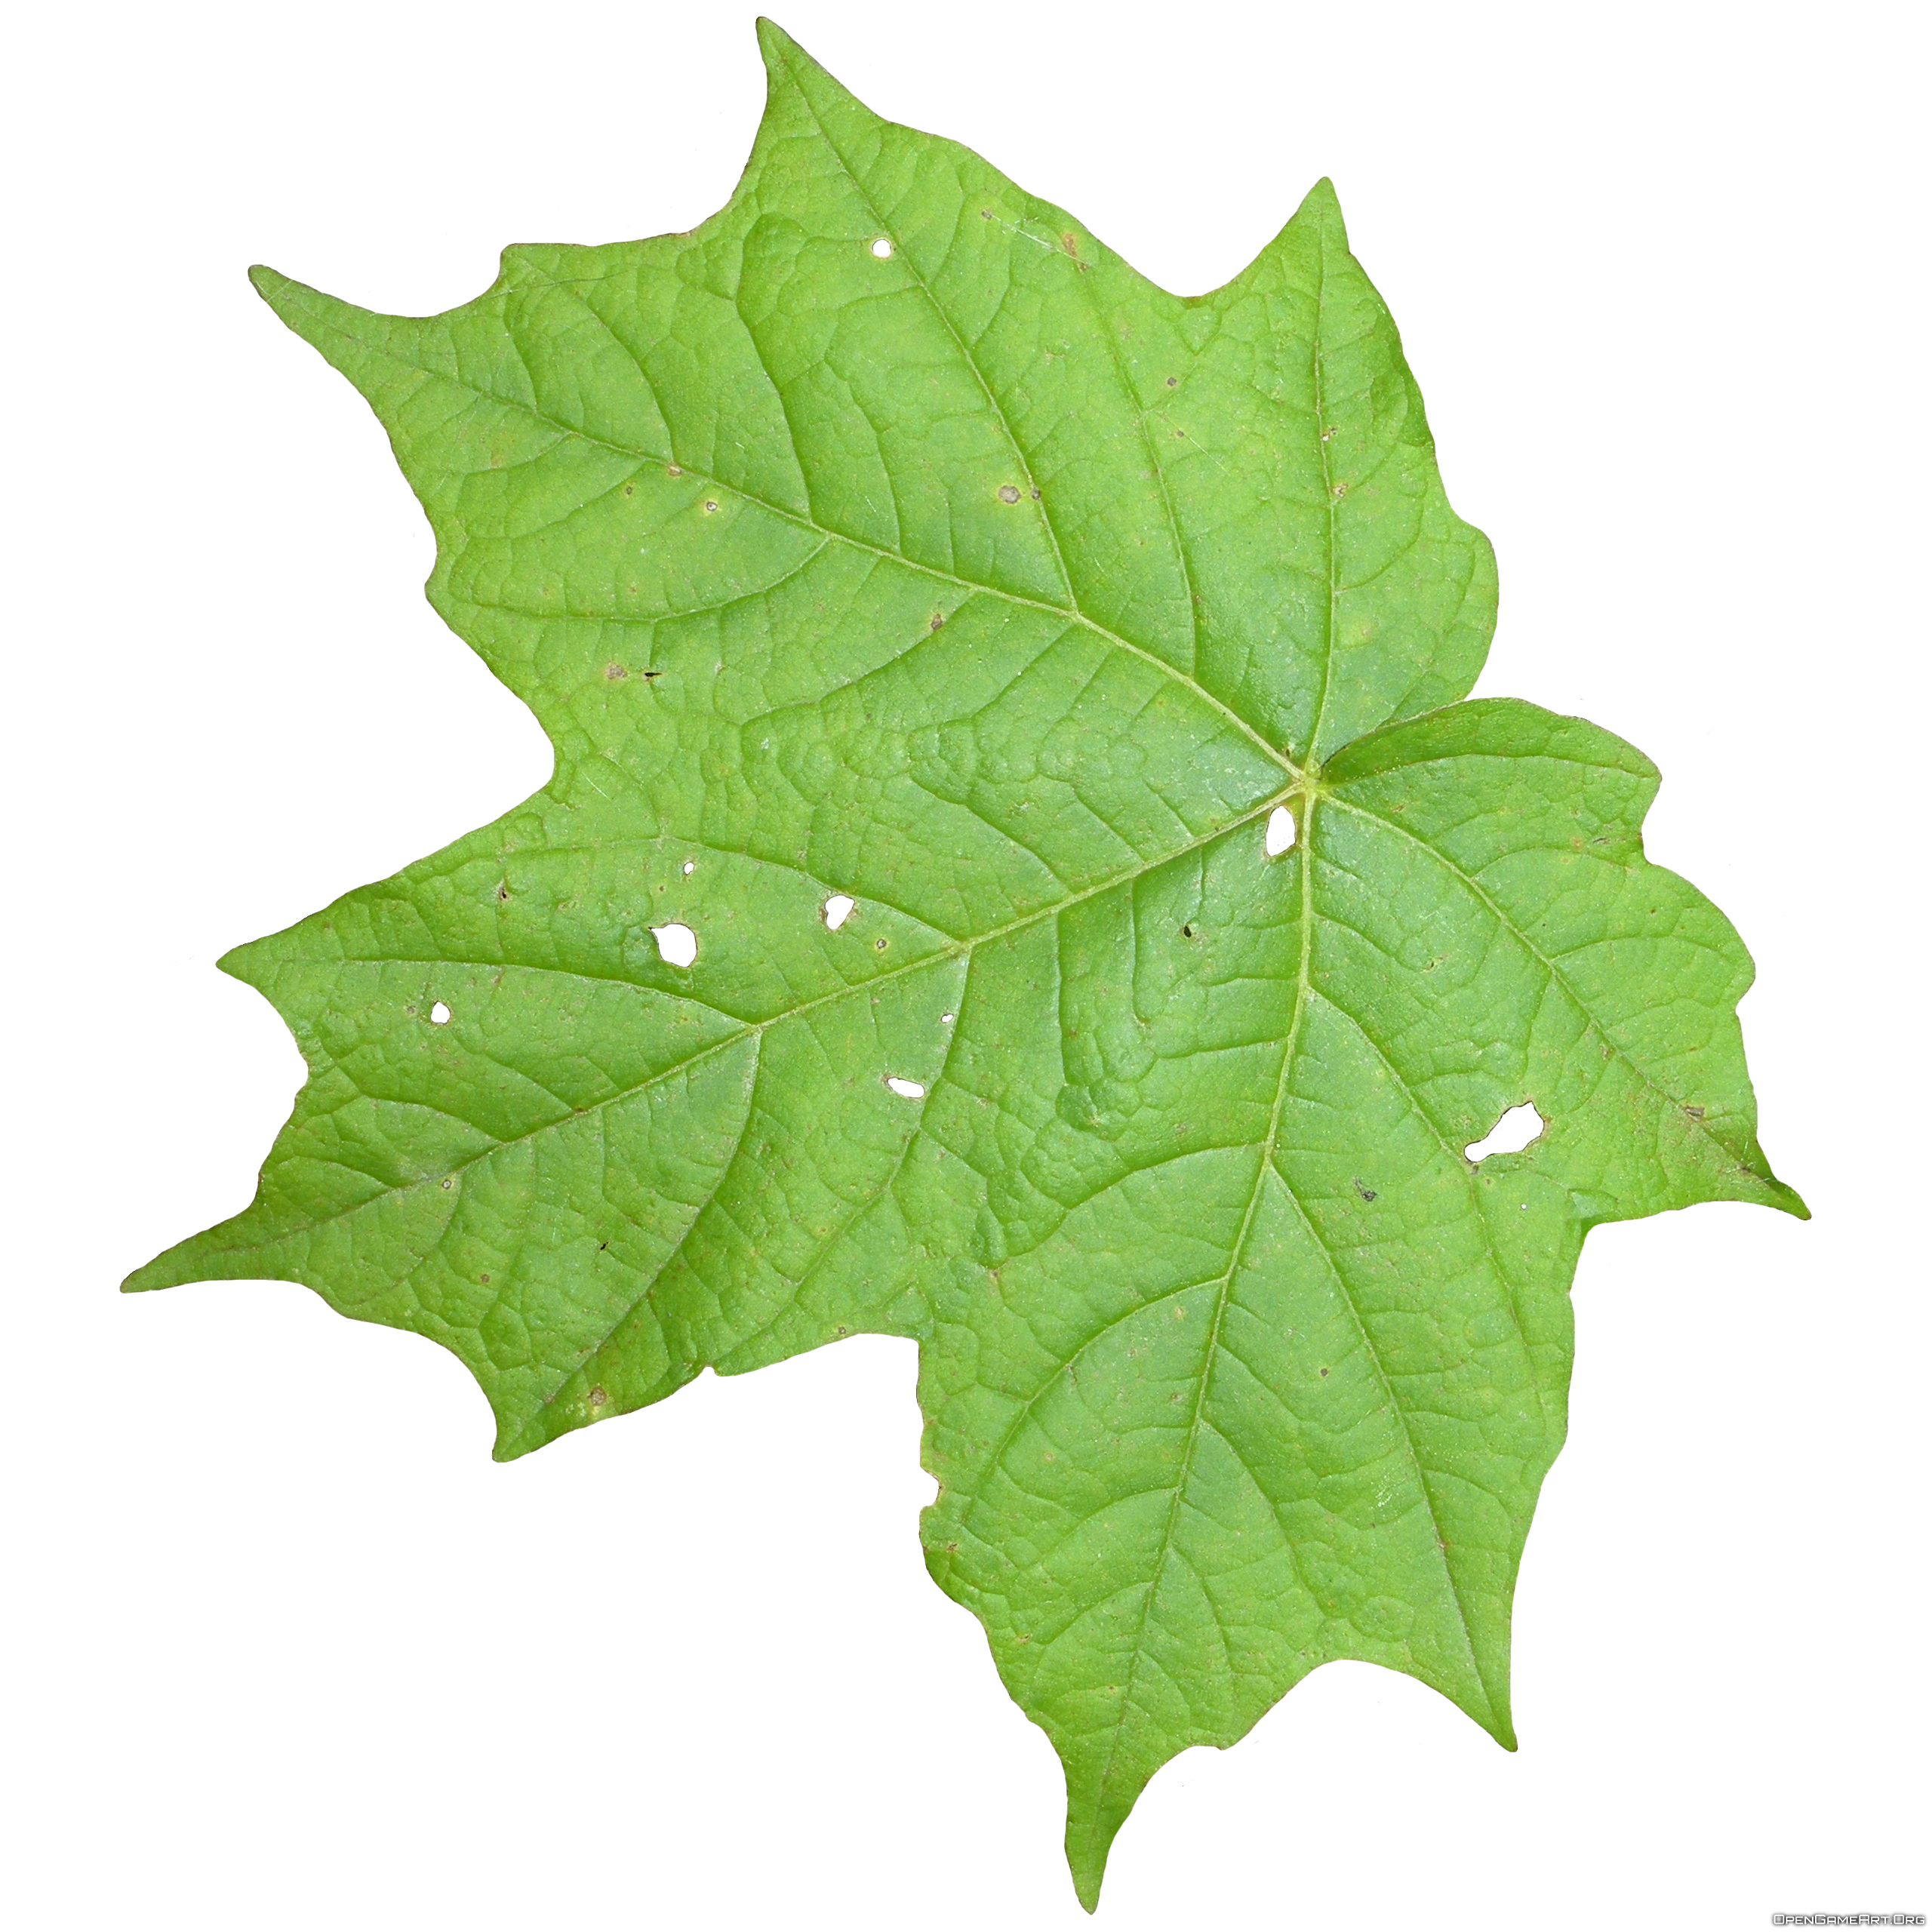 Leaf Png image #38621